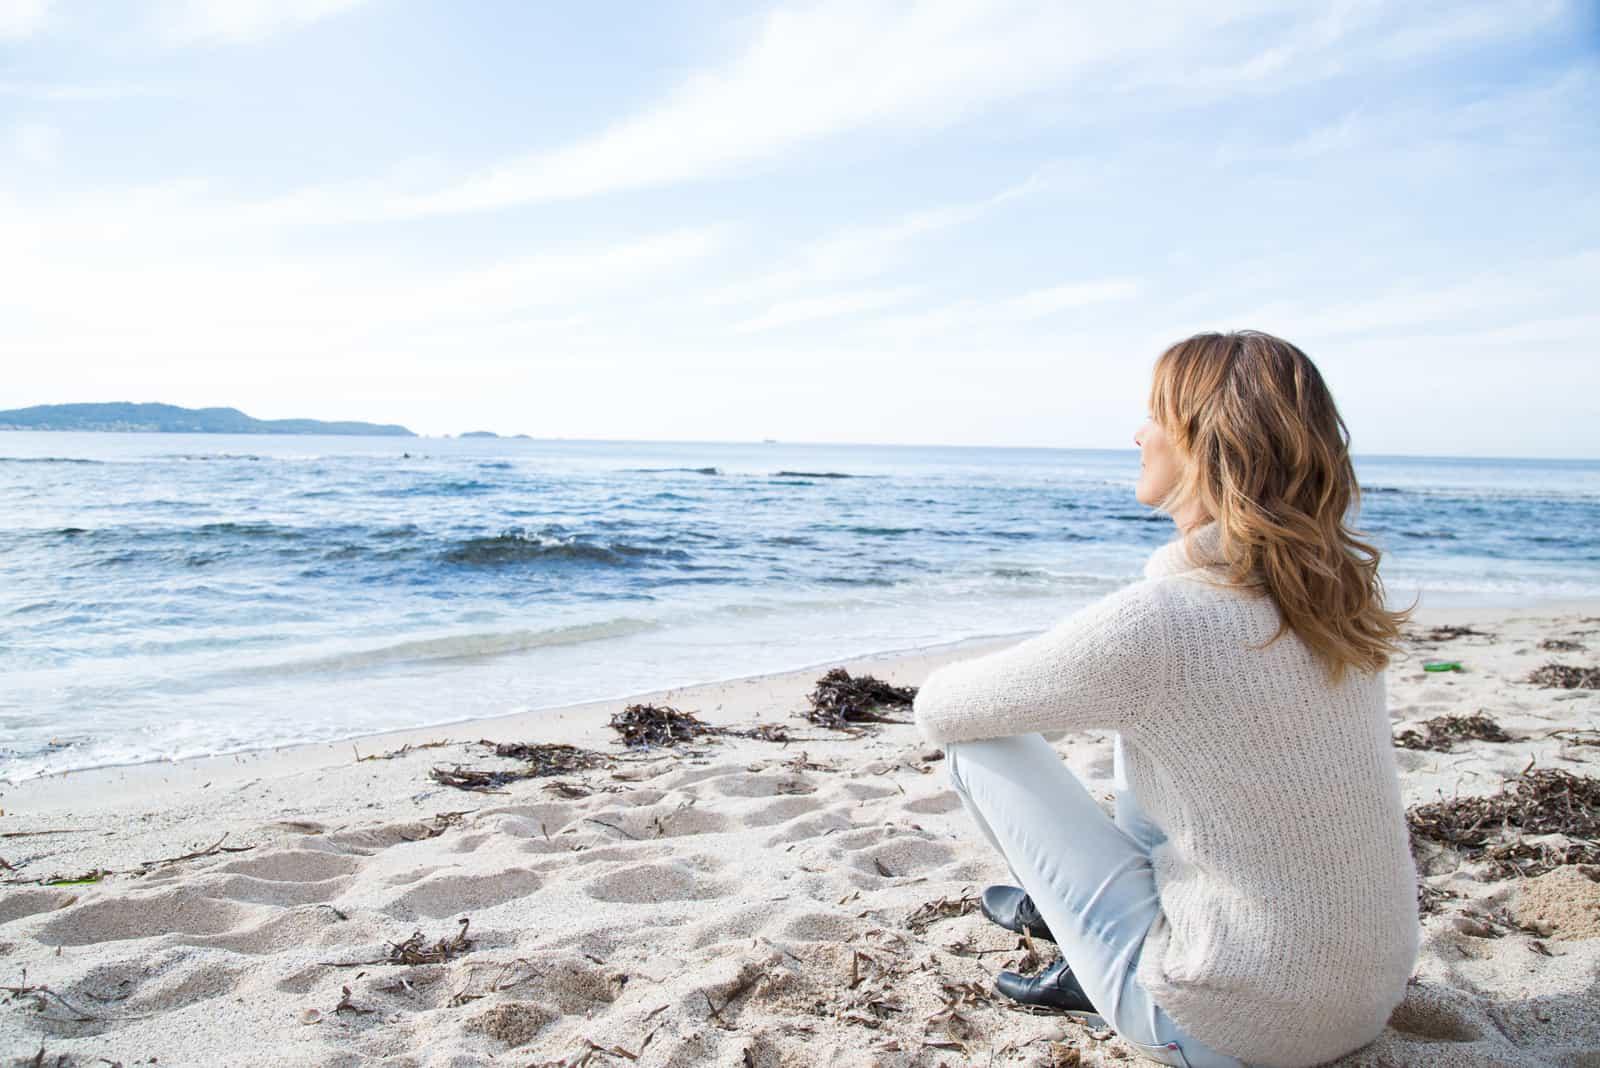 une femme aux longs cheveux bruns est assise sur la plage